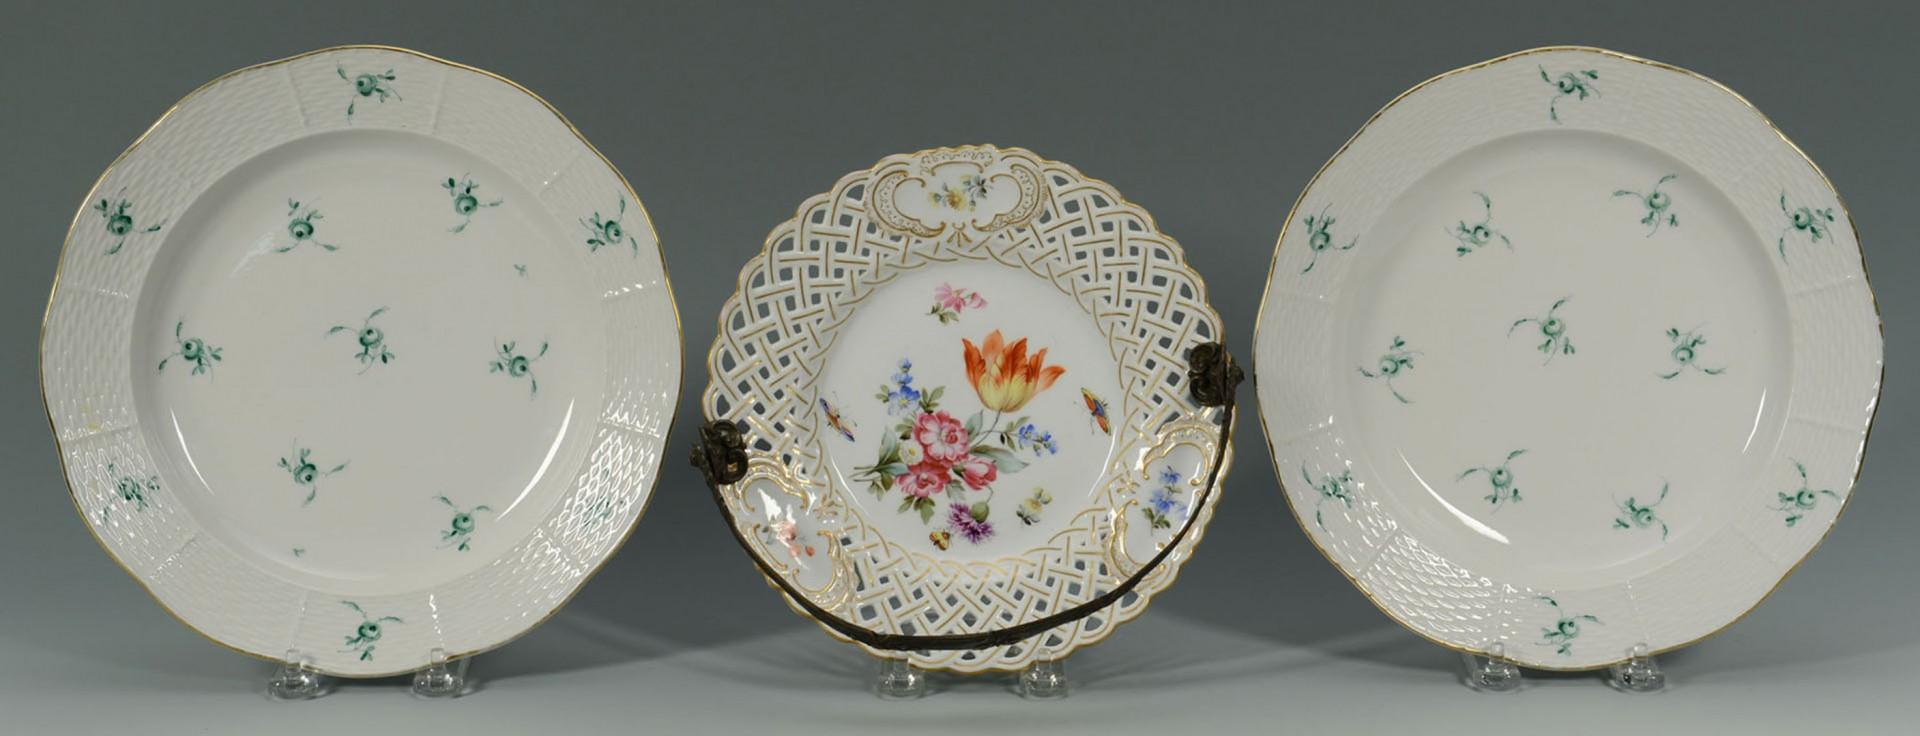 Lot 2872333: 3 Herend Porcelain Plates